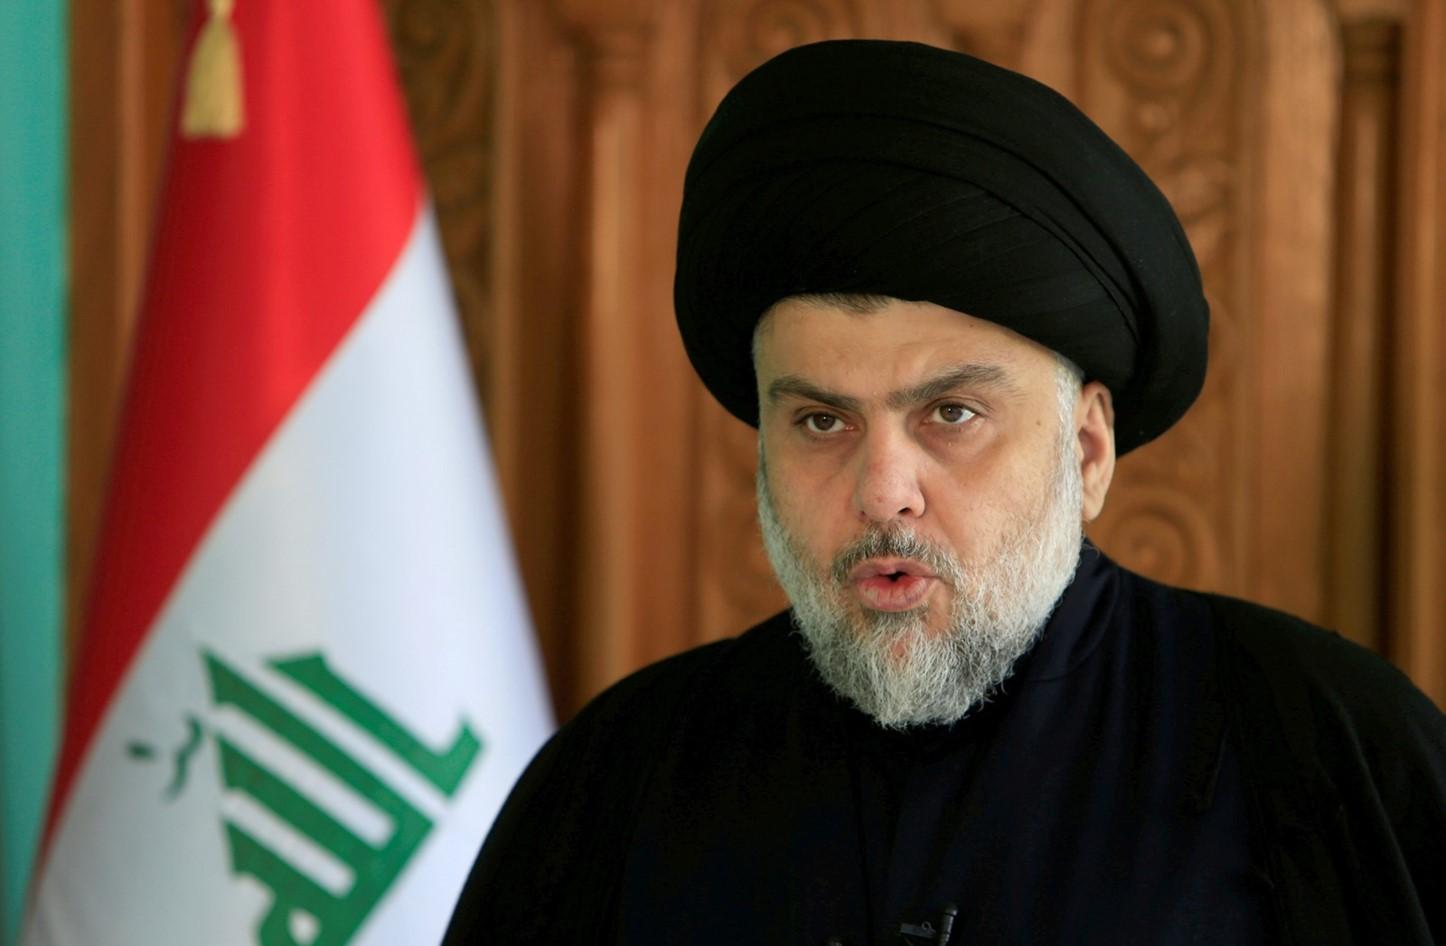 الصدر: عراقنا في خطر فكفاكم انجراراً خلف صوت العنف والتشدد